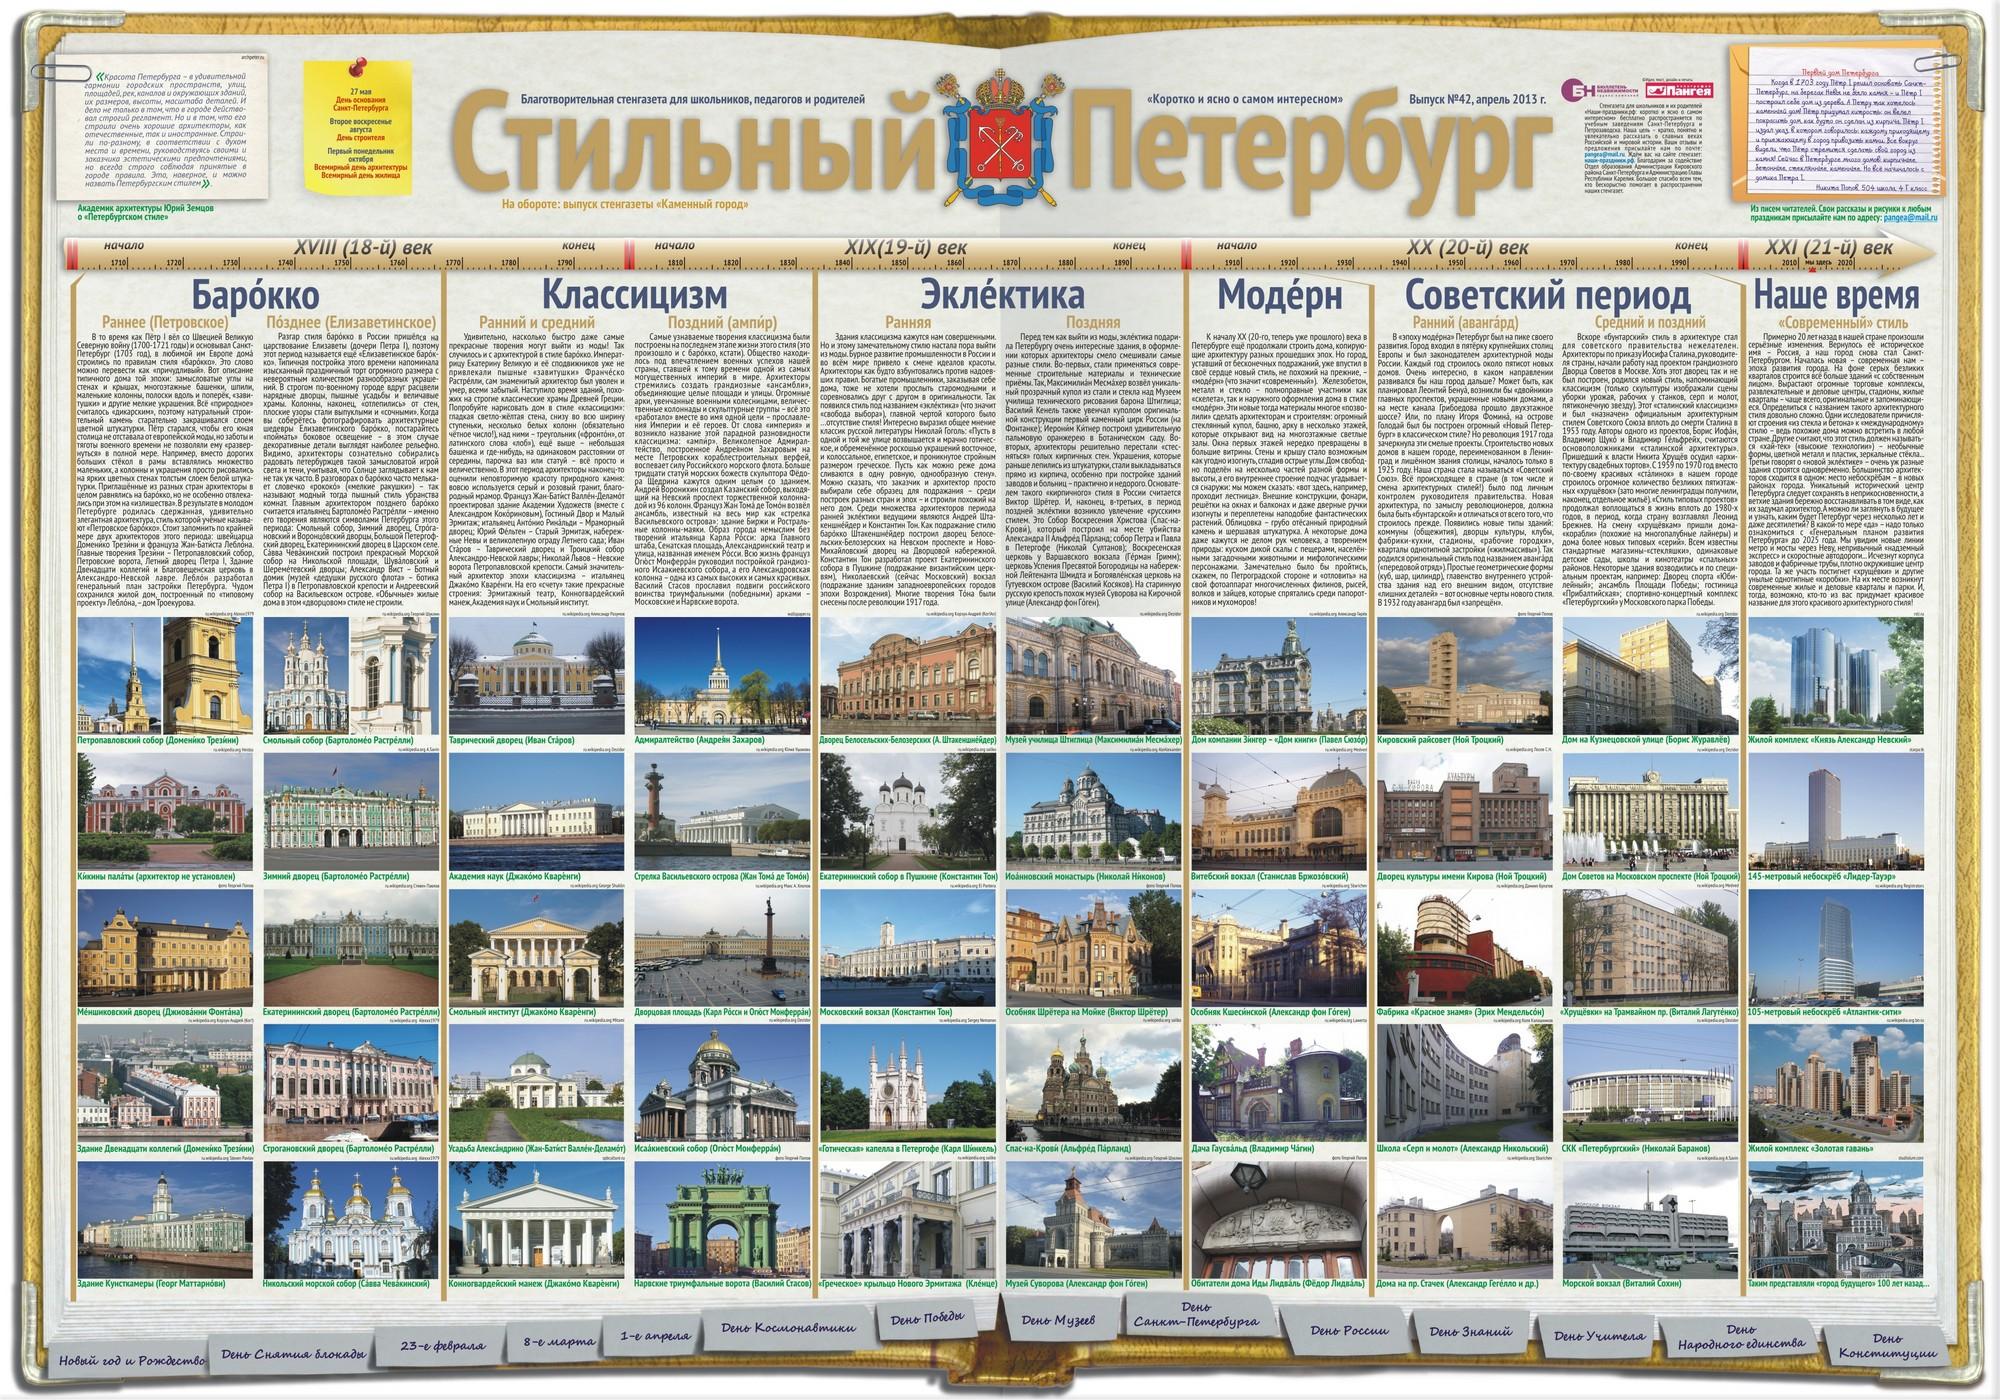 Стильный Петербург стенгазета